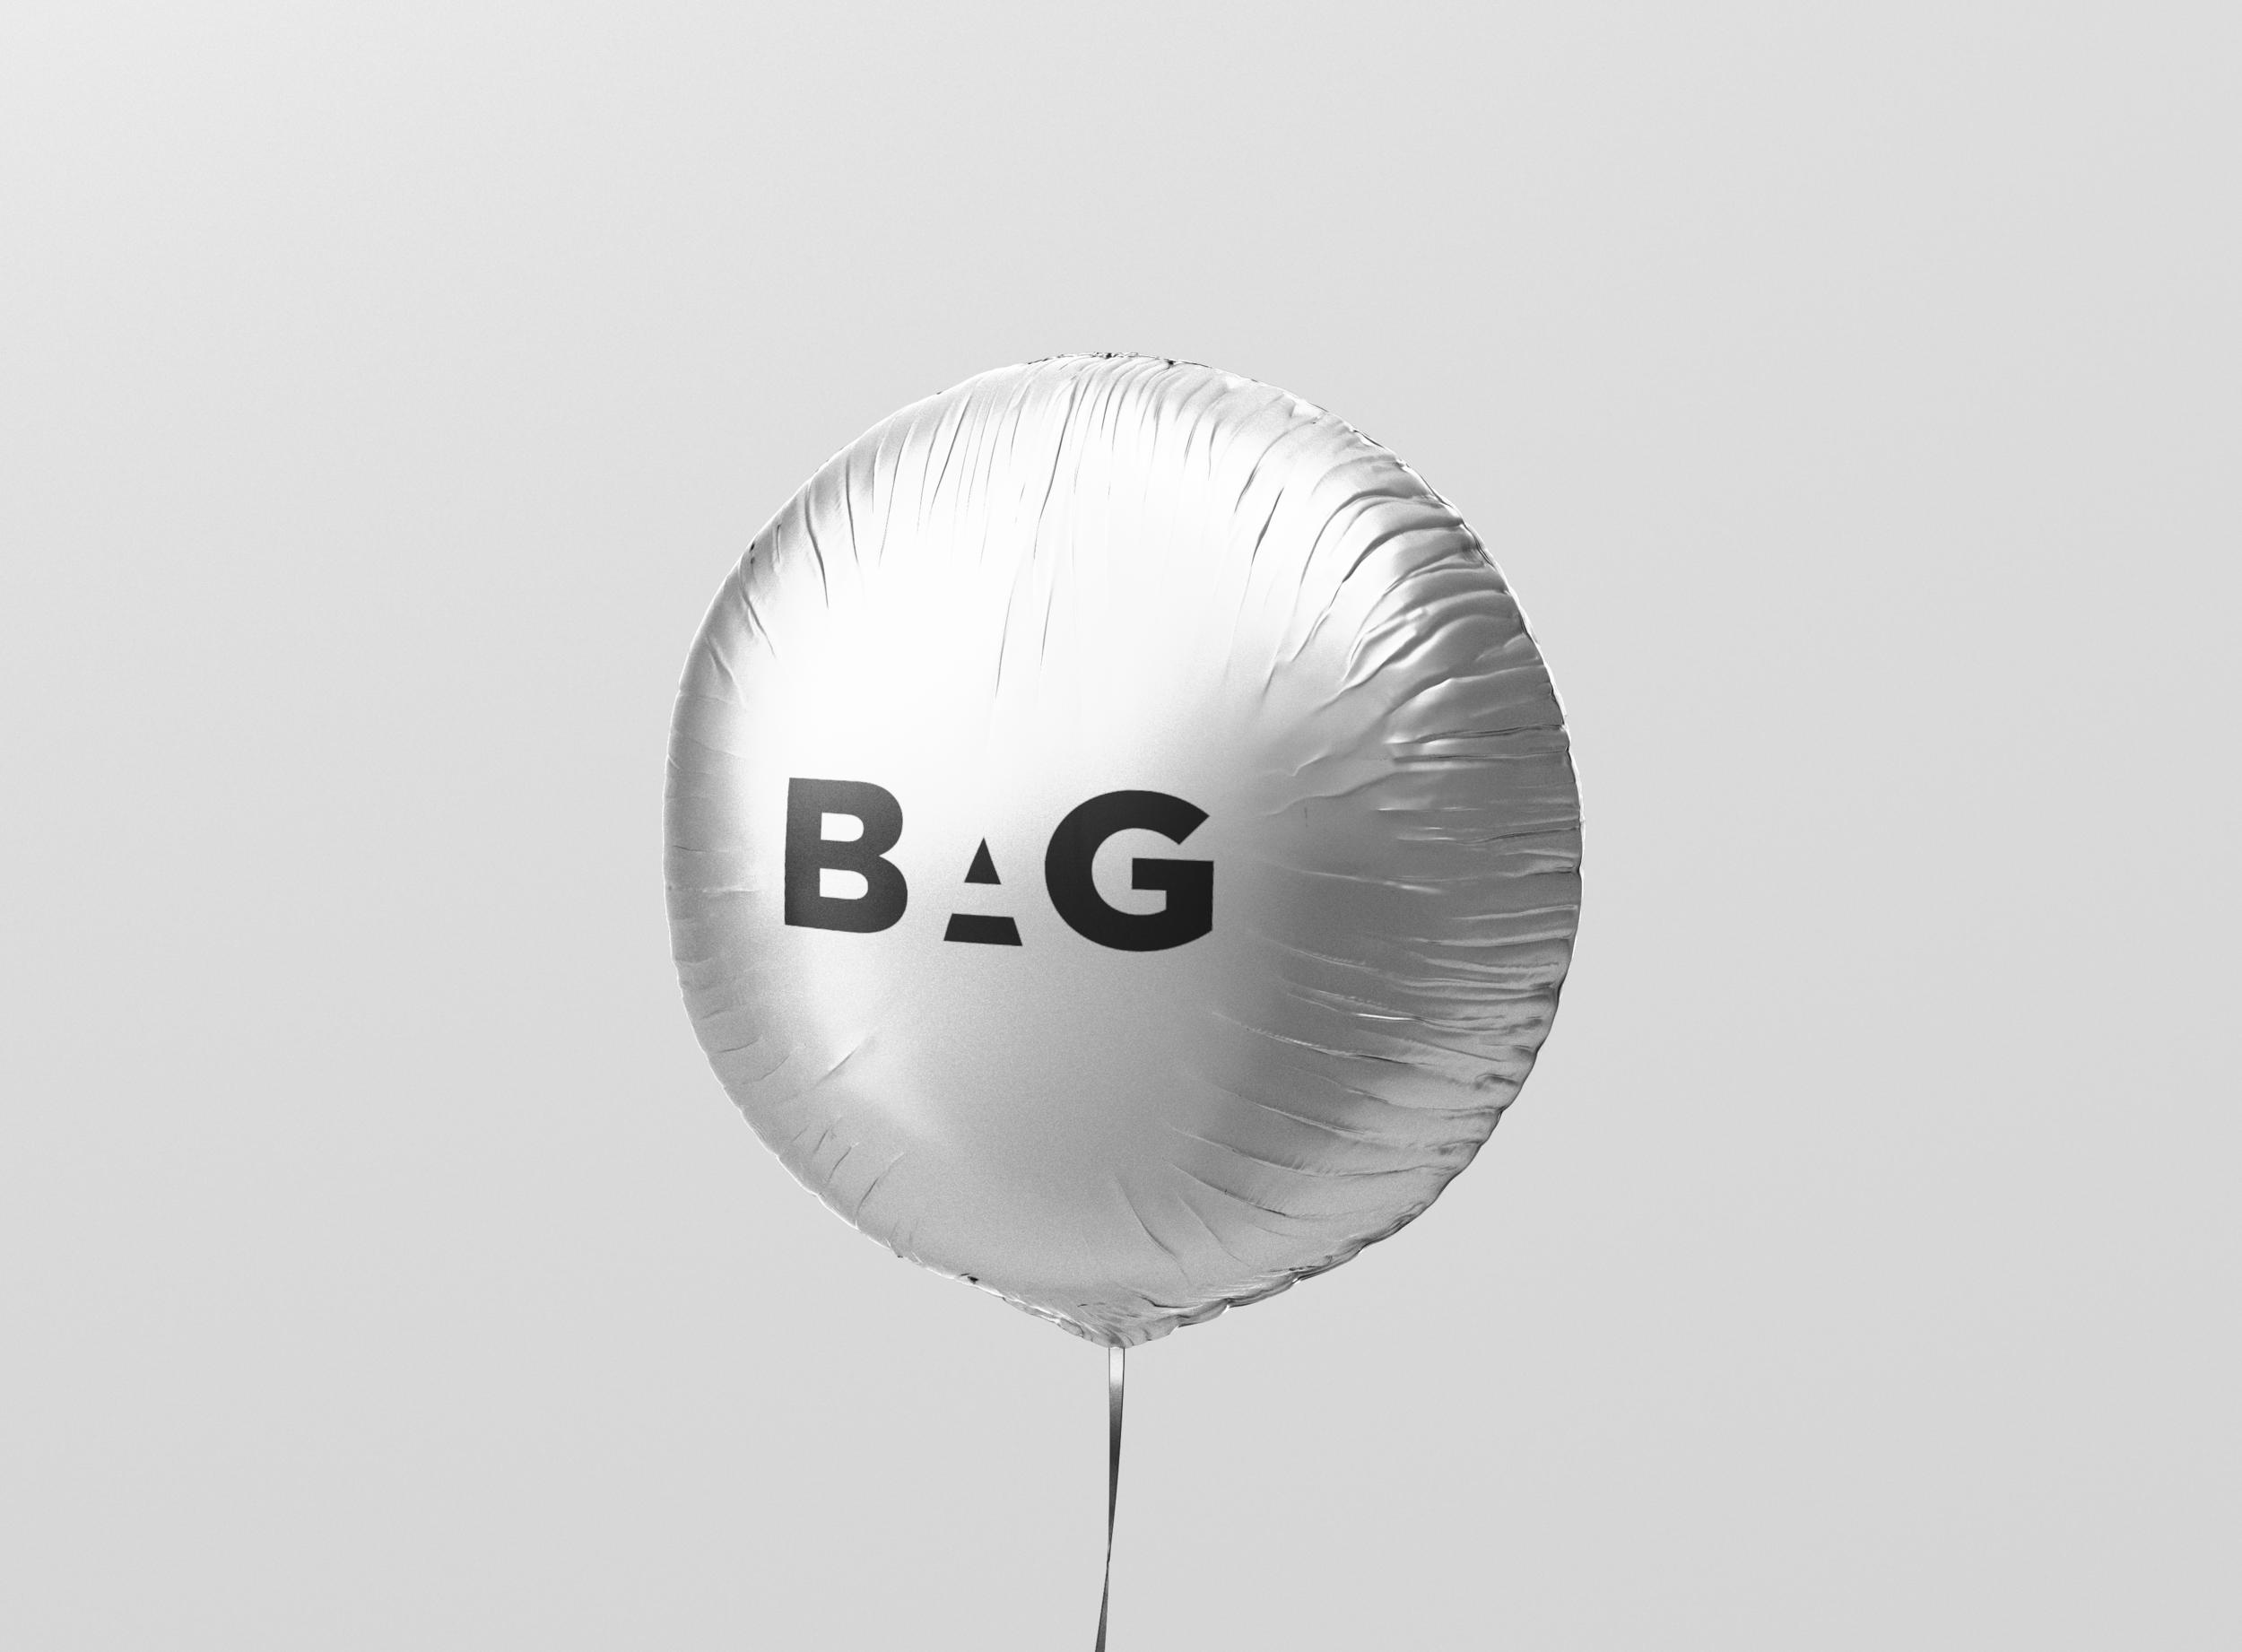 round_balloon_mockup_closeup_3.png